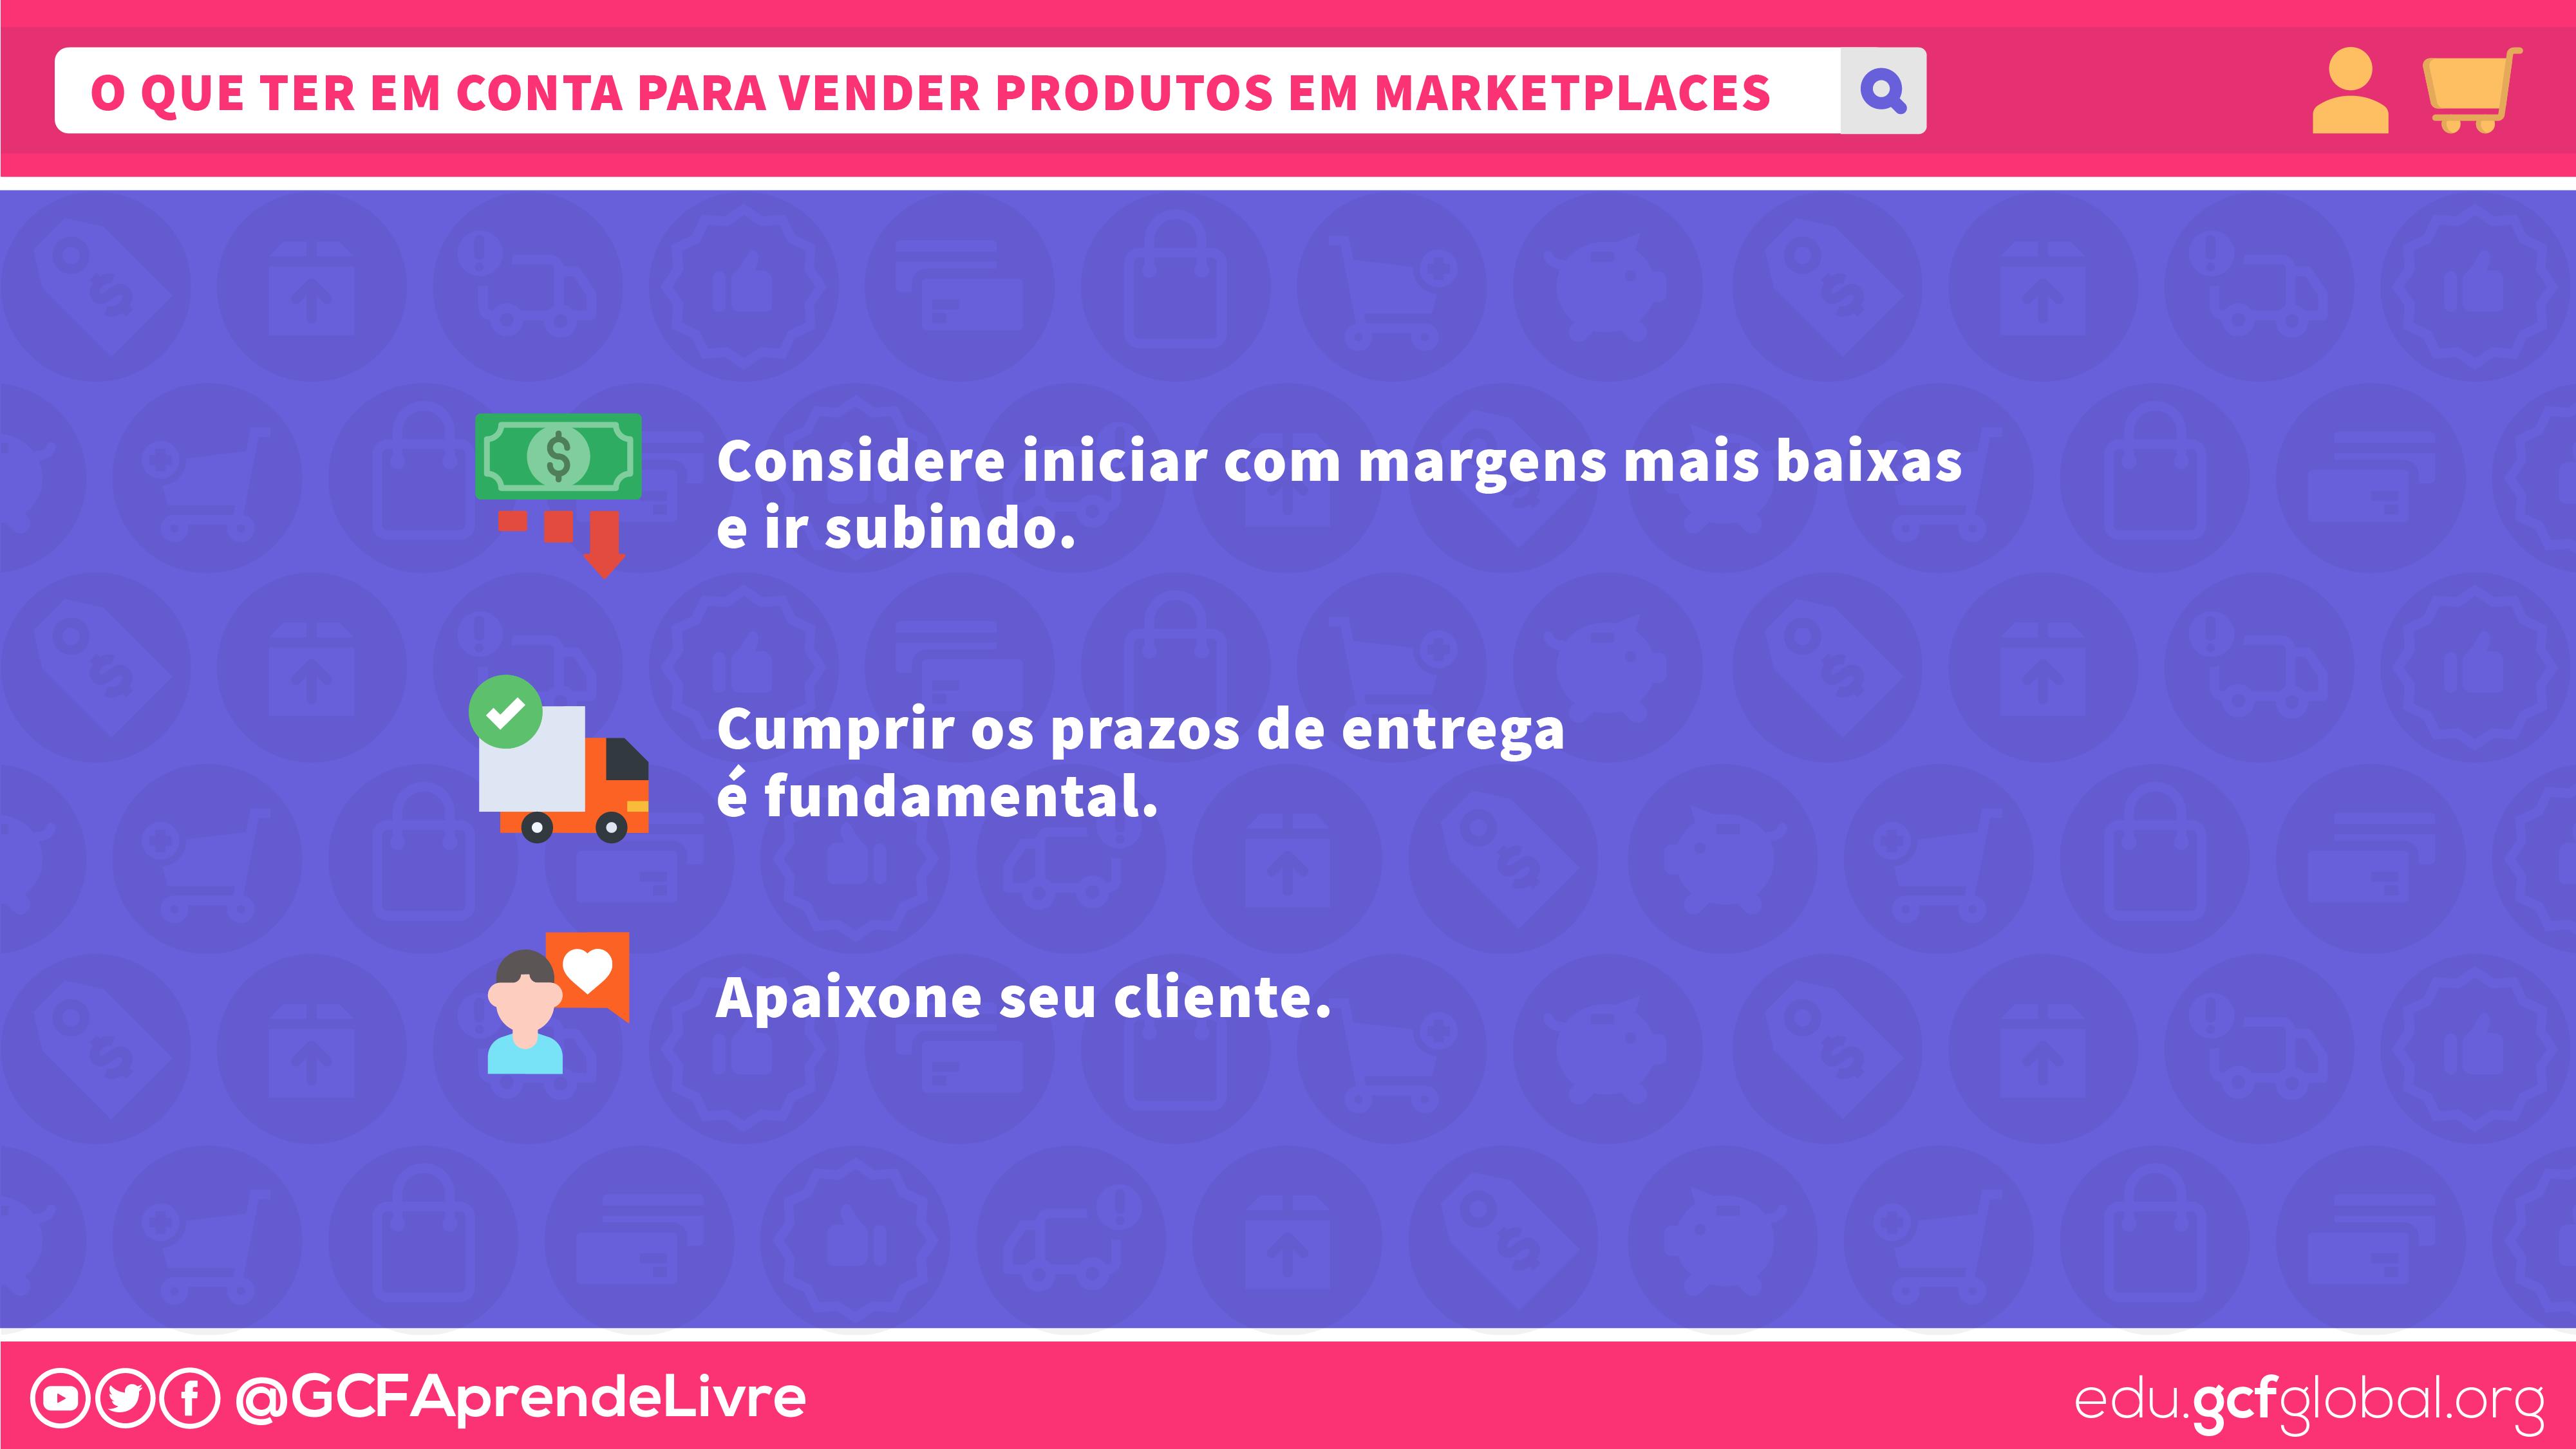 o que ter em conta para vender produtos em marketplaces - imagem 2